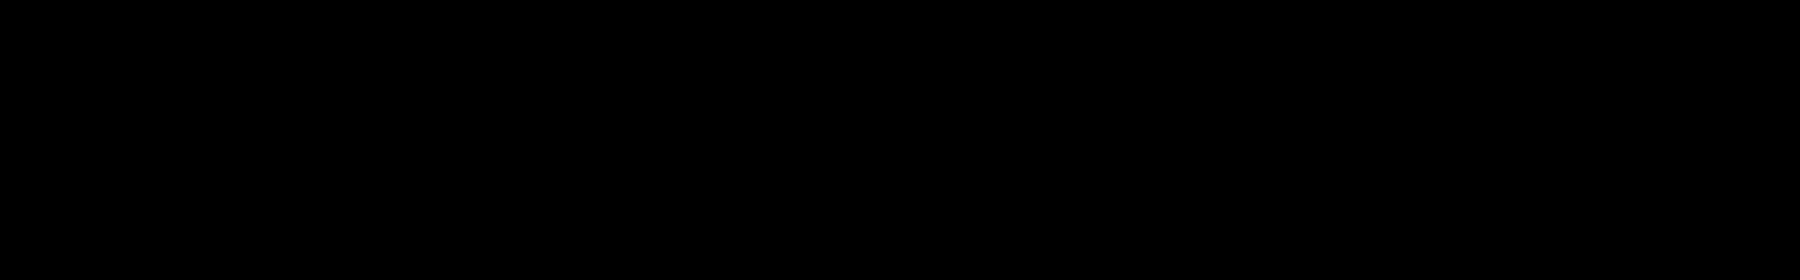 Airflow - Sci-Fi Cinematic Loops audio waveform